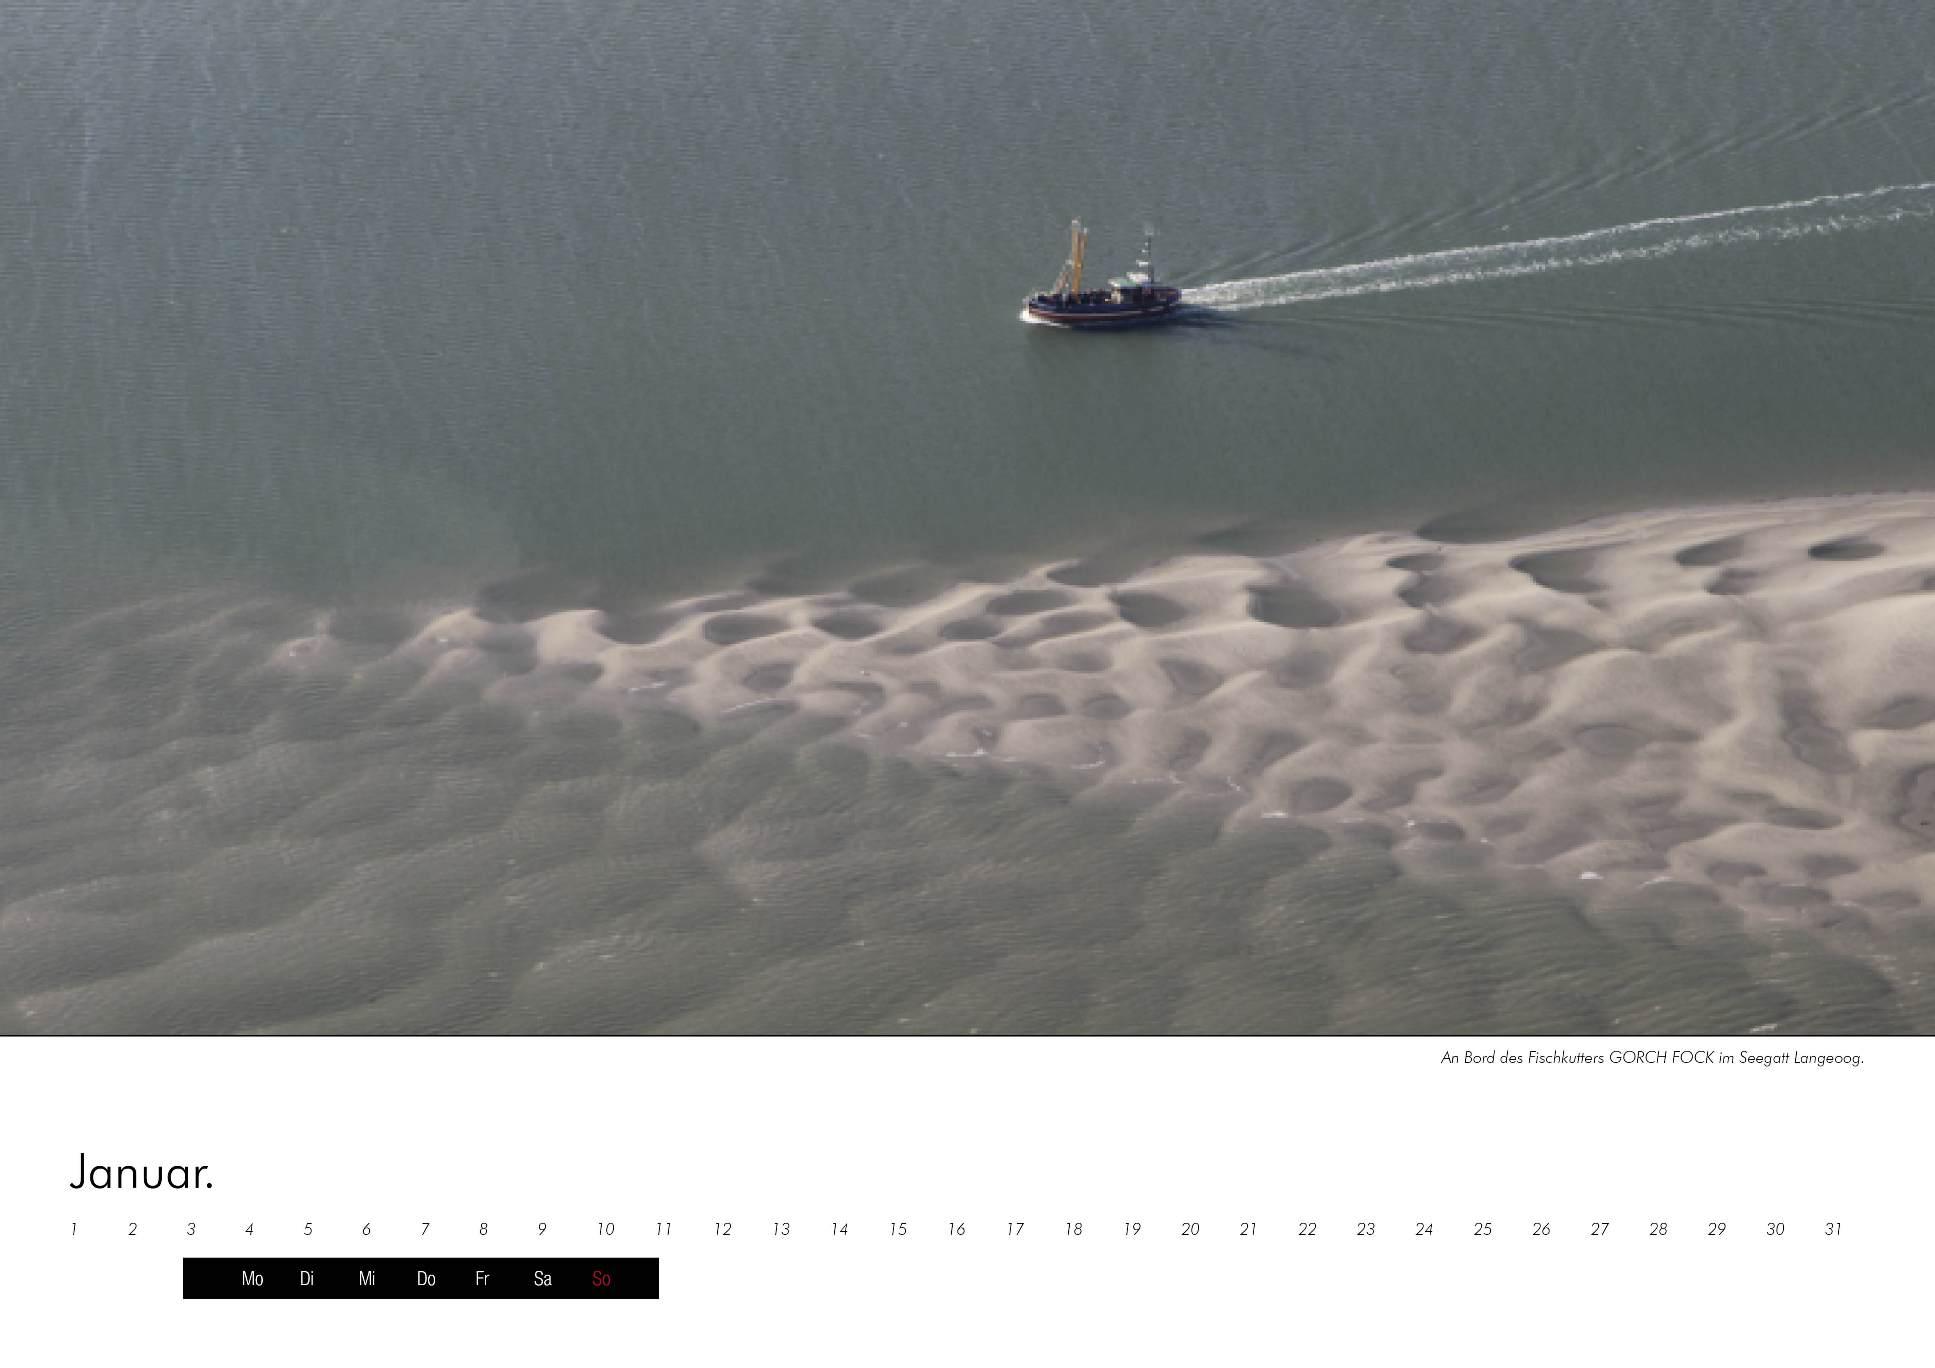 Kalenderbild des Fischkutters Gorch Fock im immerwährenden Kalender